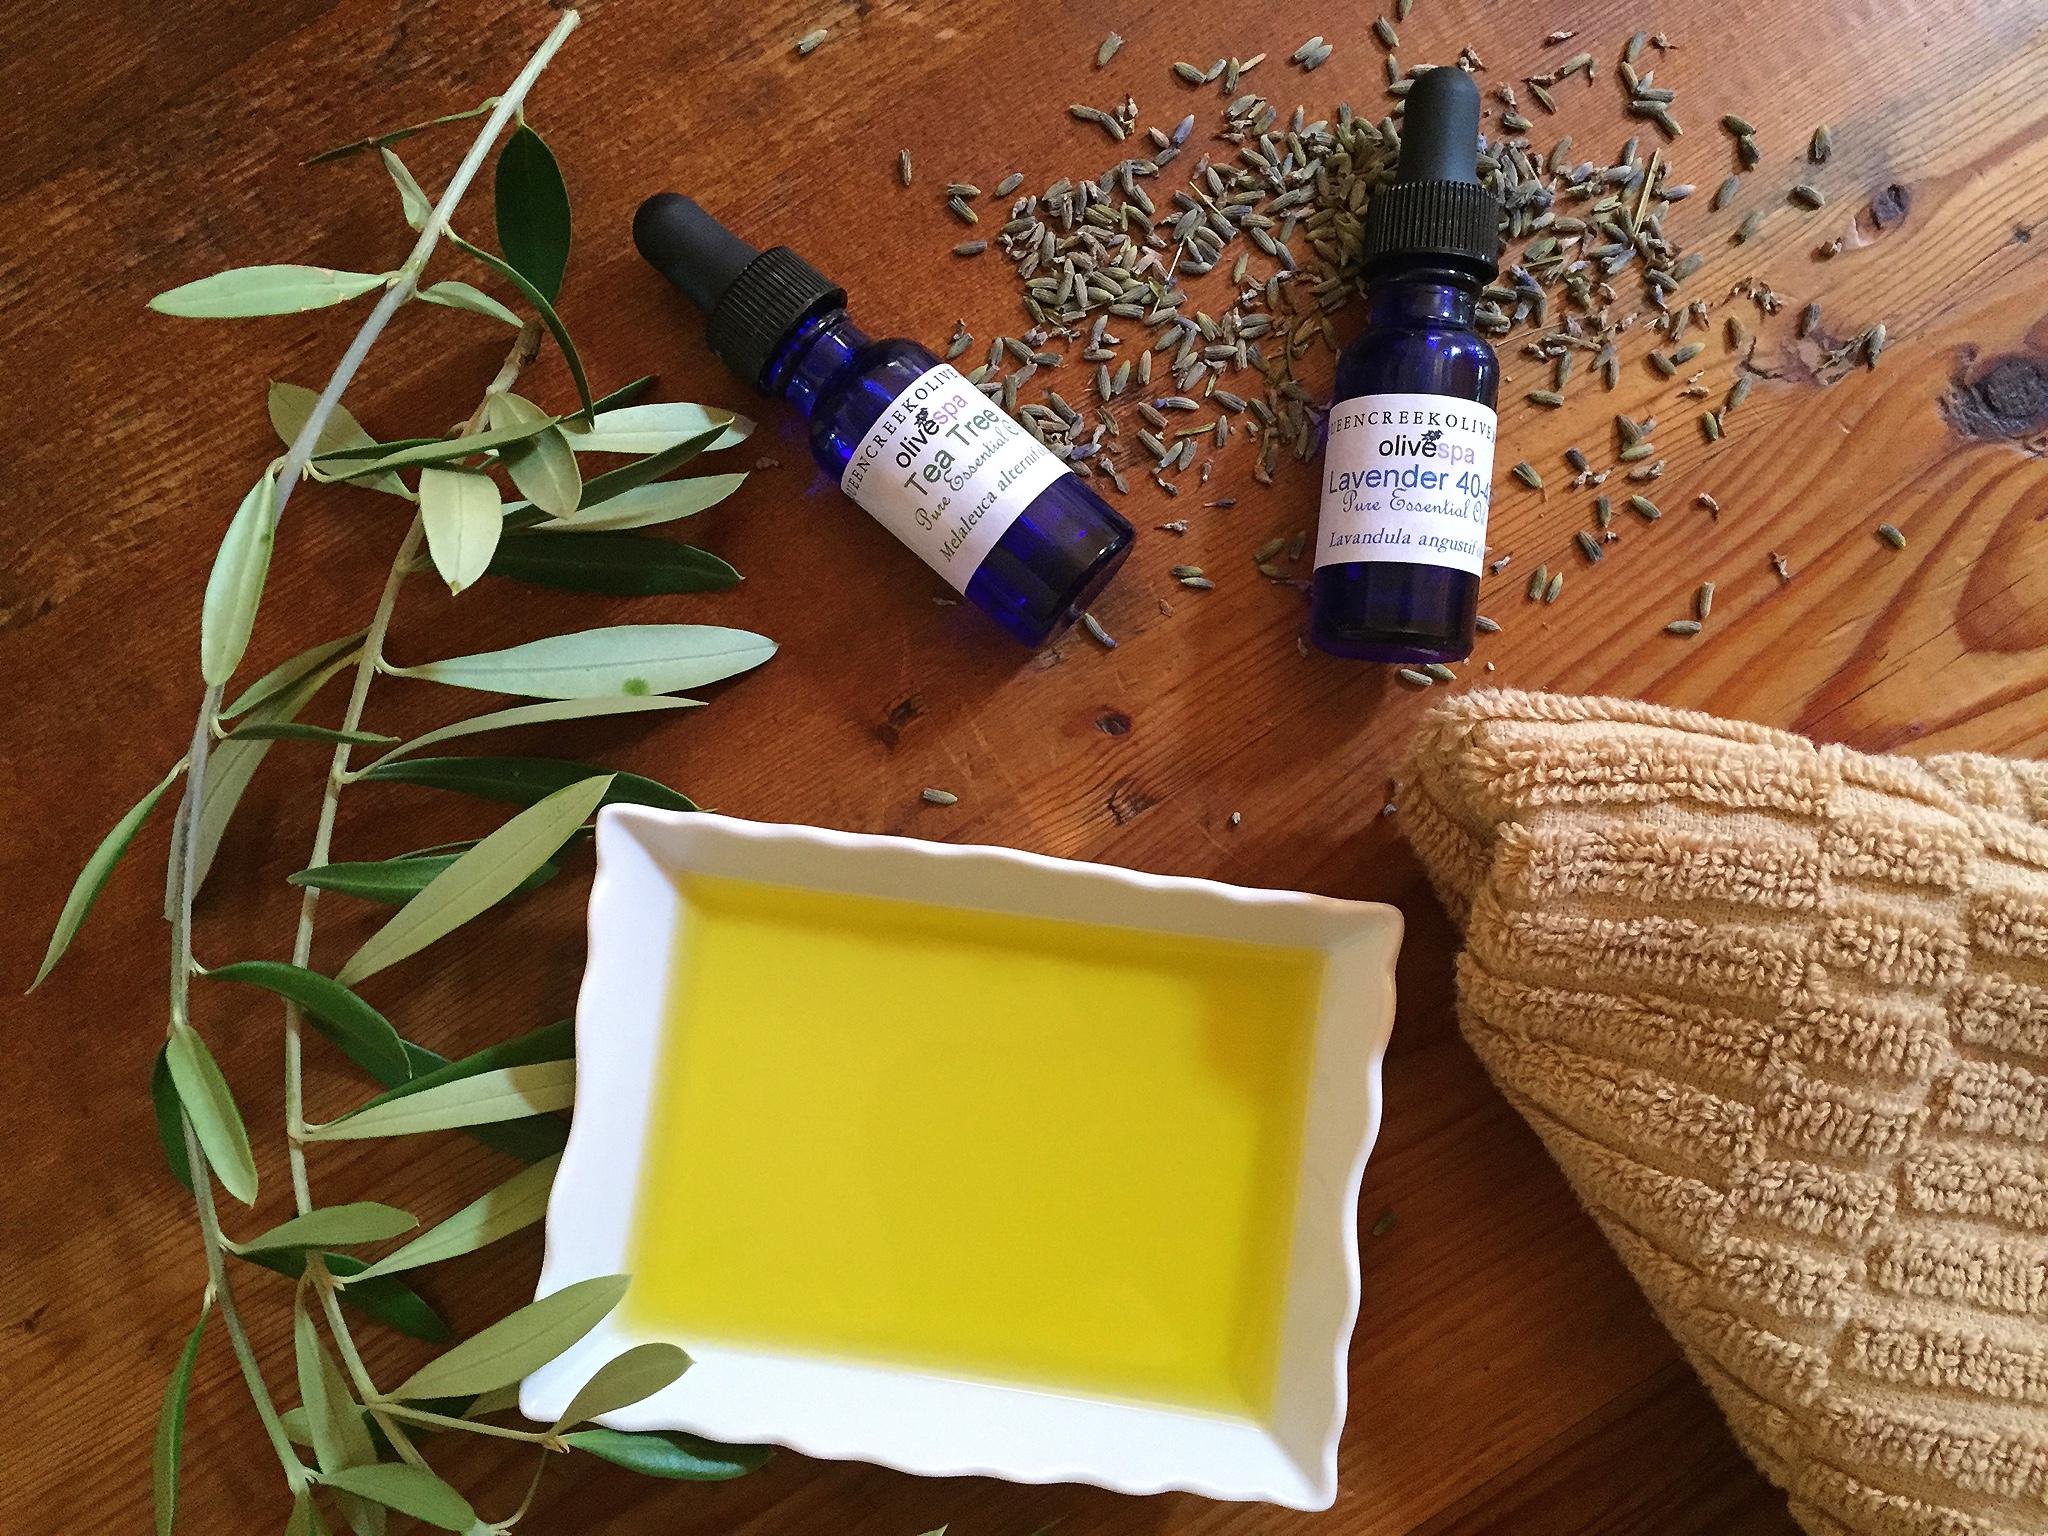 Oil-Cleansing-Method-Ingredients